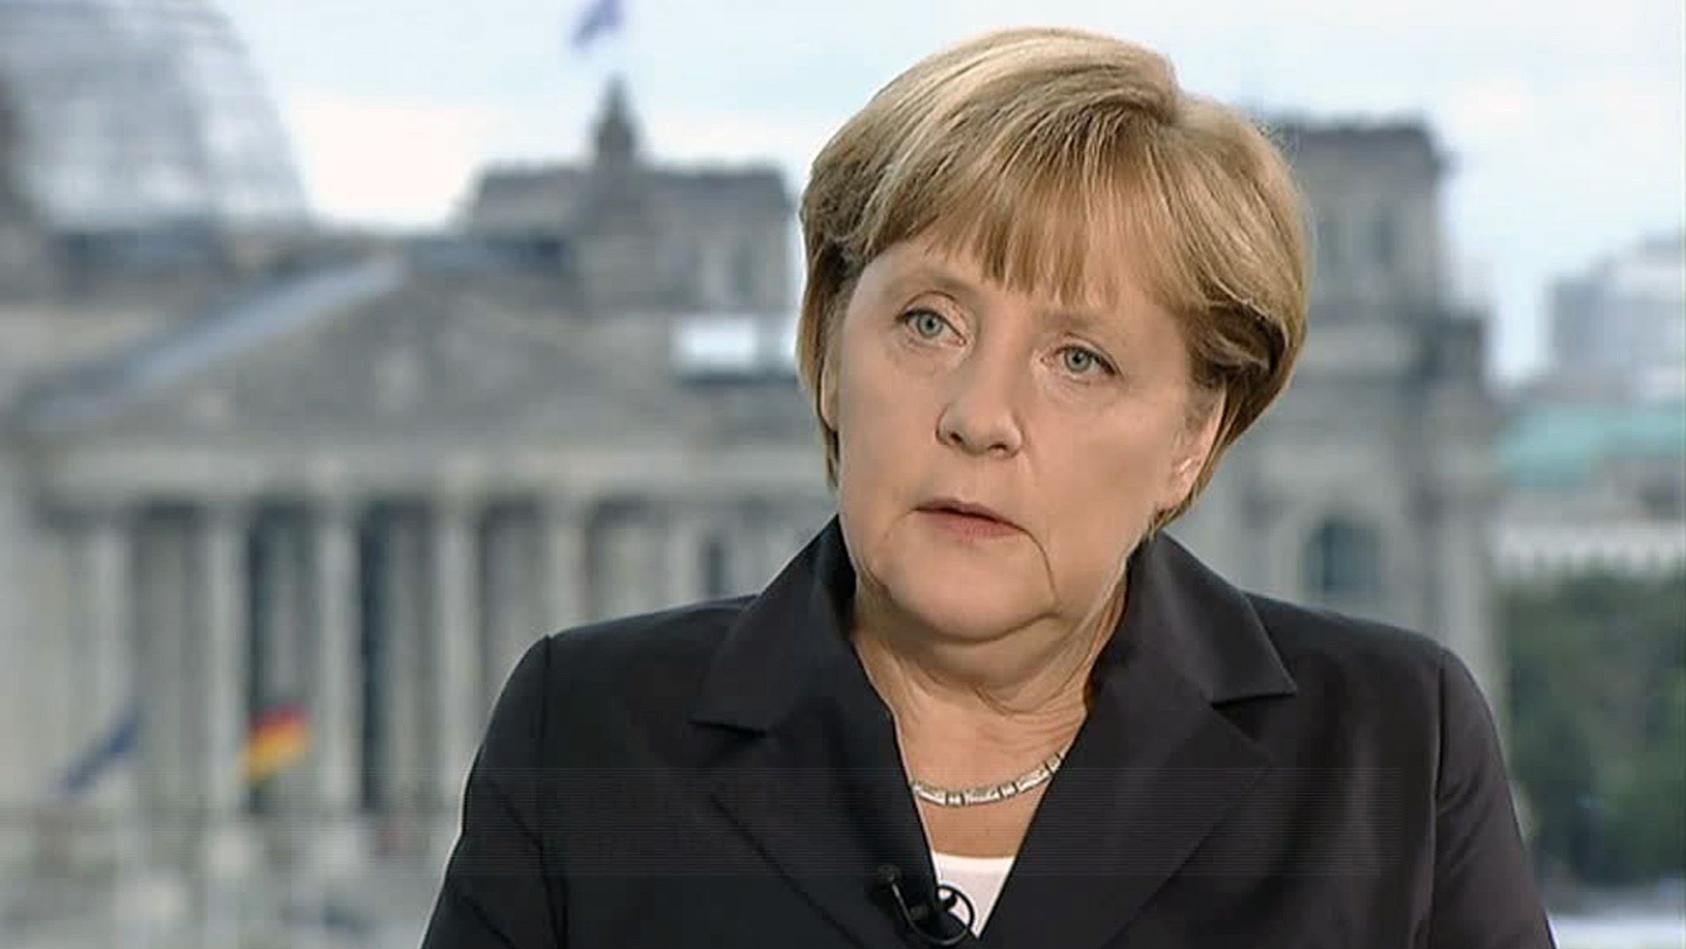 RTL widmet sich einen ganzen Abend der scheidenden Kanzlerin Angela Merkel.